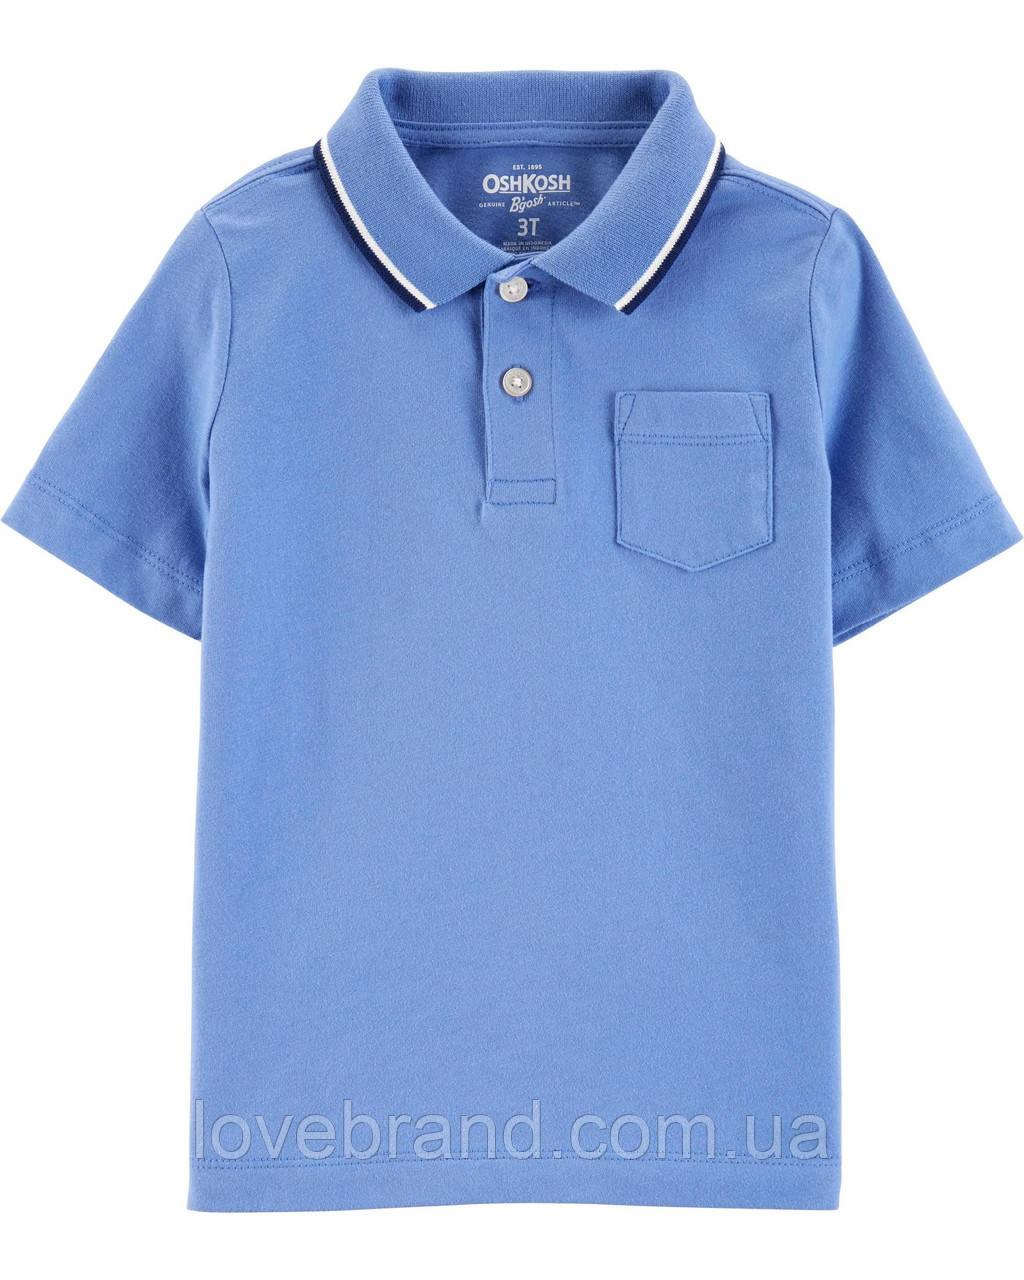 """Фирменная футболка-поло для мальчика OshKosh """"Классика"""" синяя однотонная с карманом на груди, футболки детские"""